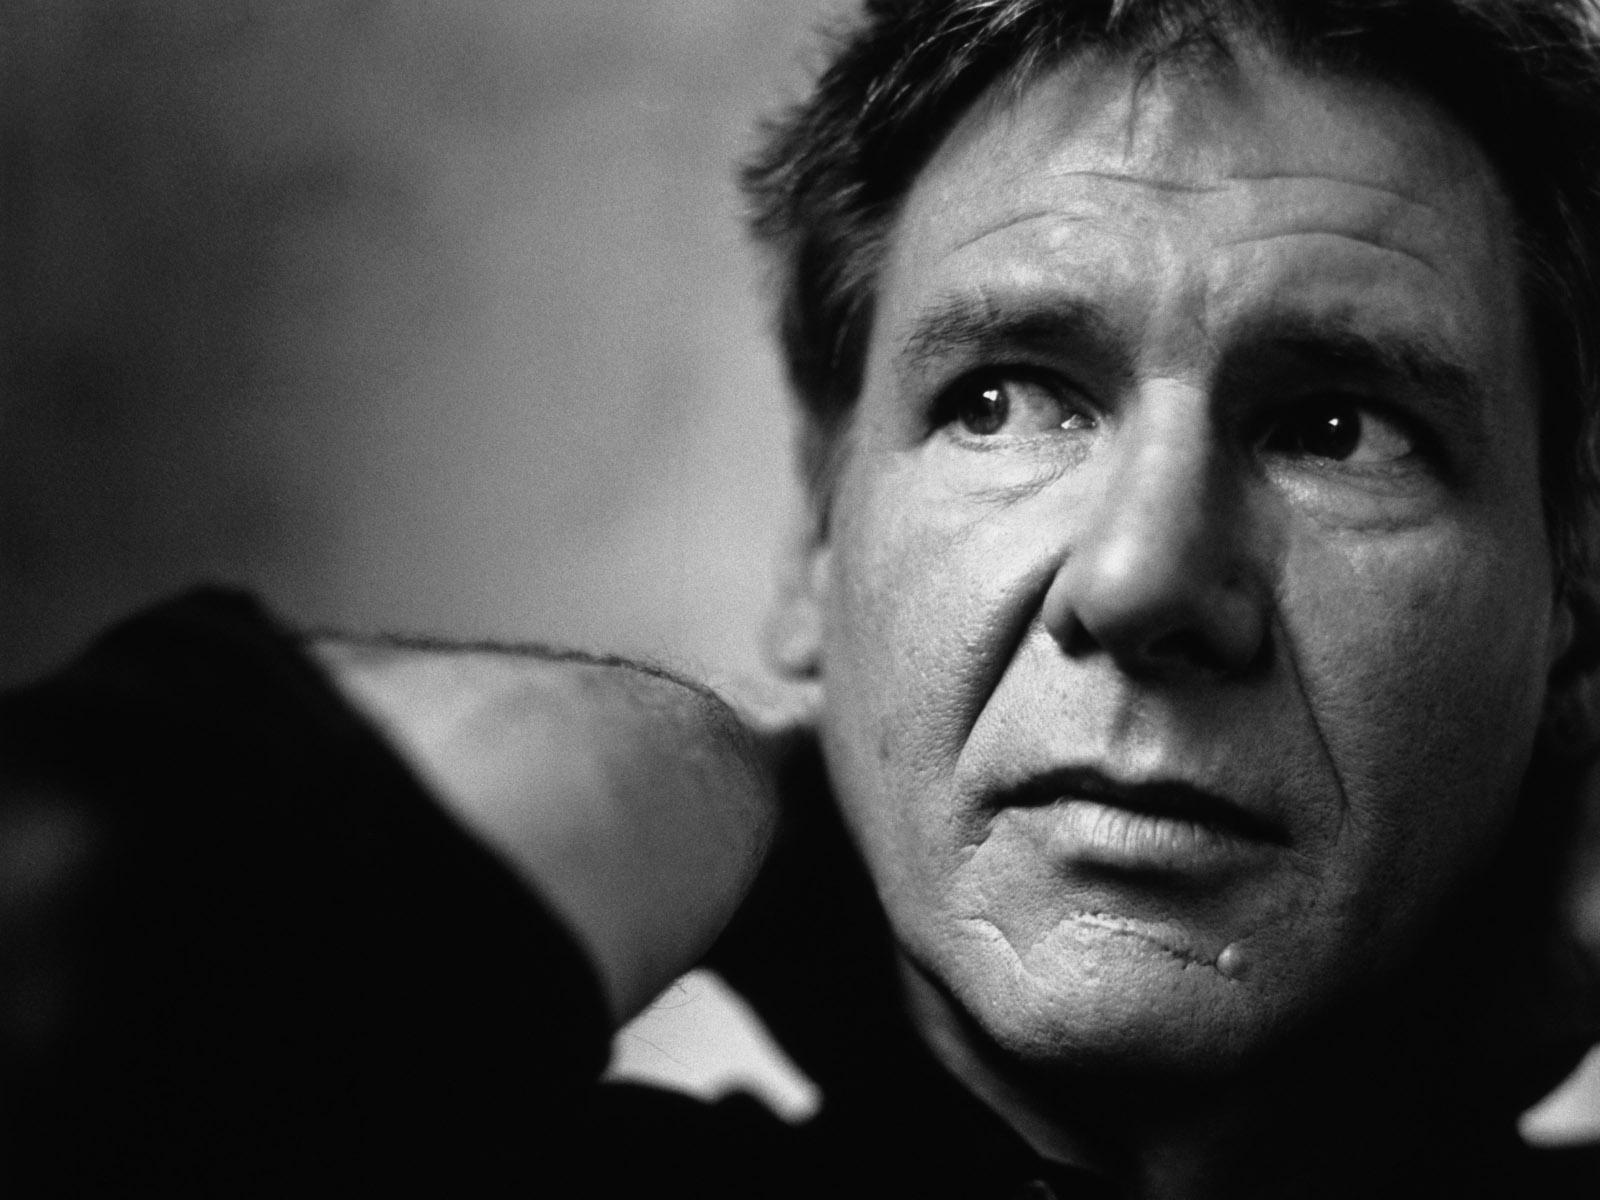 Thông tin diễn viên Harrison Ford | Thông tin phim ảnh, tiểu sử diễn